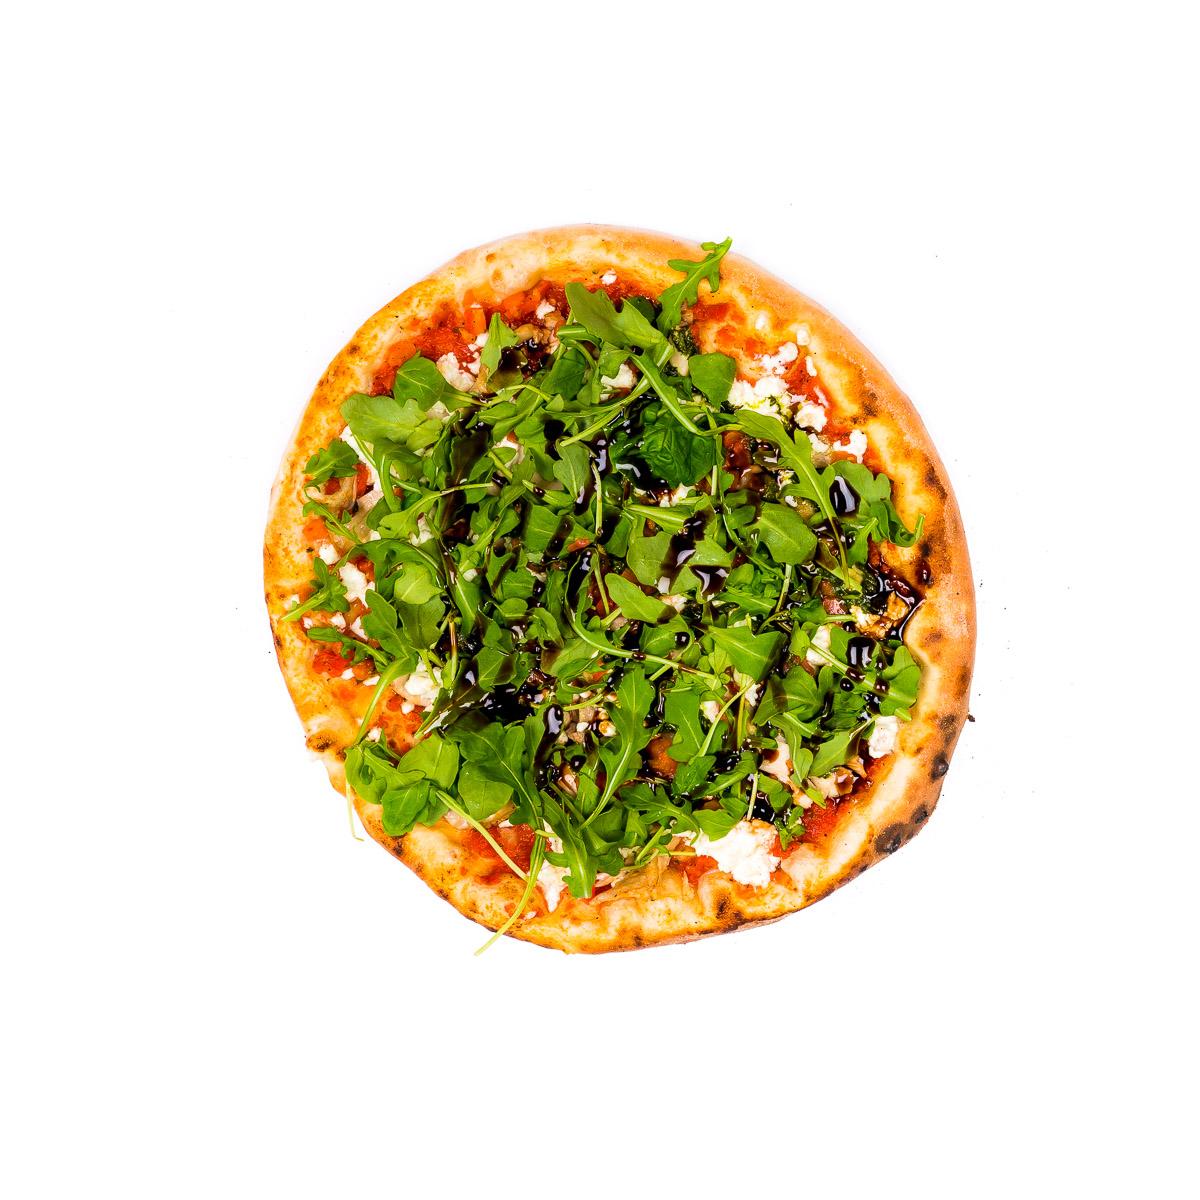 pizzas-11.jpg